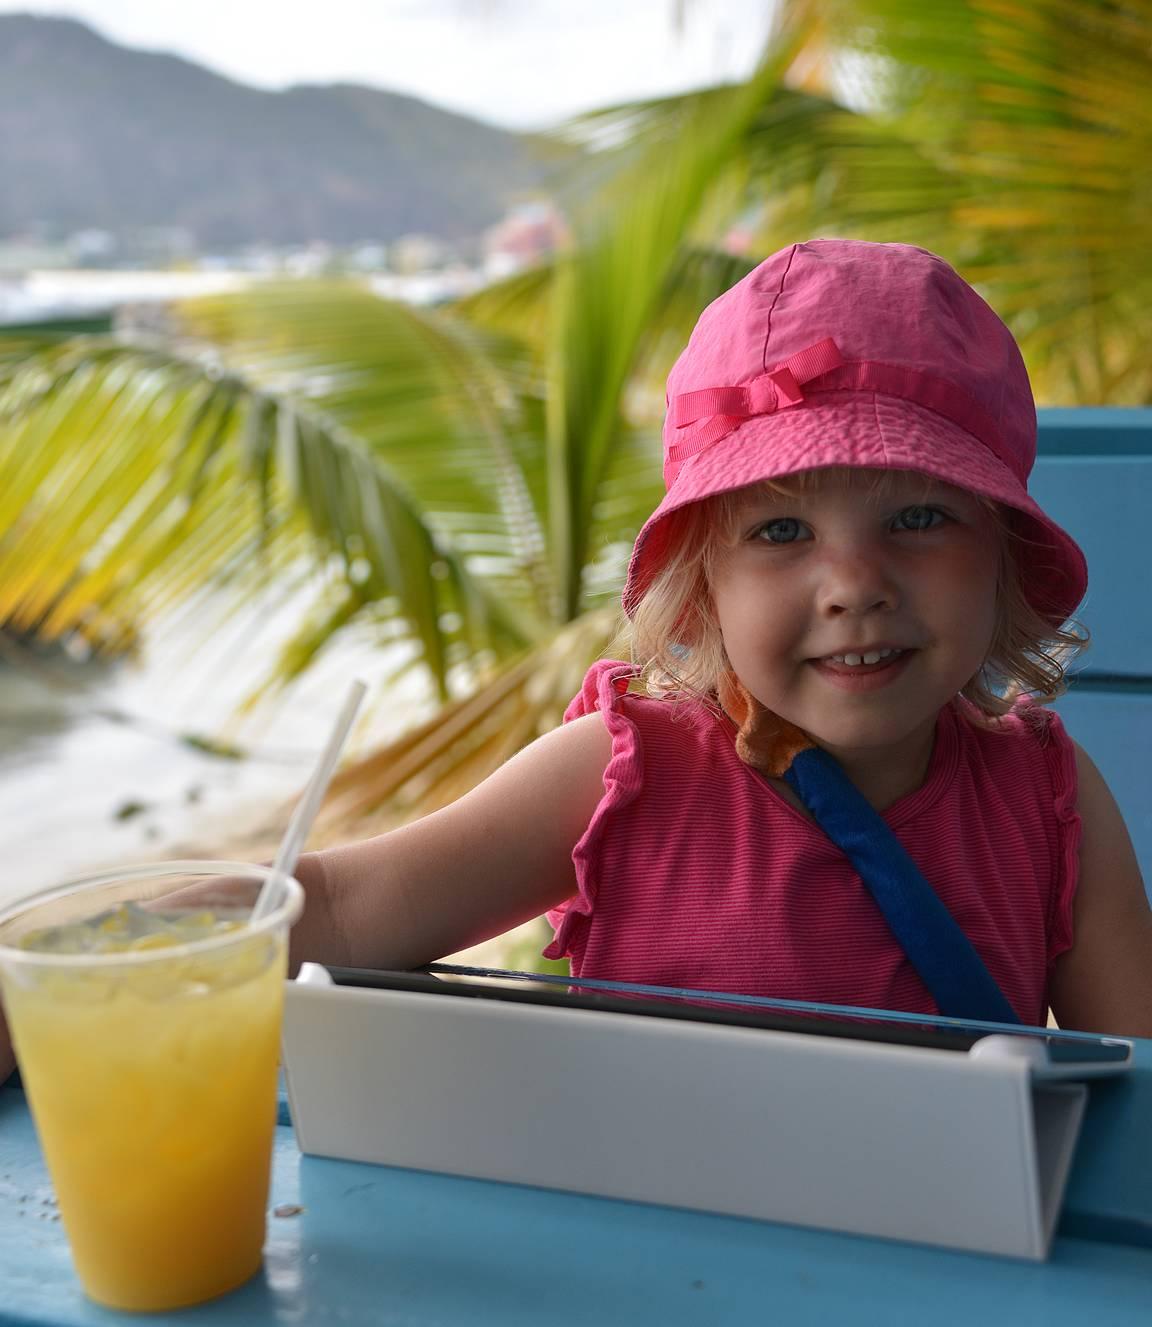 Ravintoloissa ruuan odotus menee nopeasti, kun uskaltaa käyttää turvallisesti avoimia verkkoja.